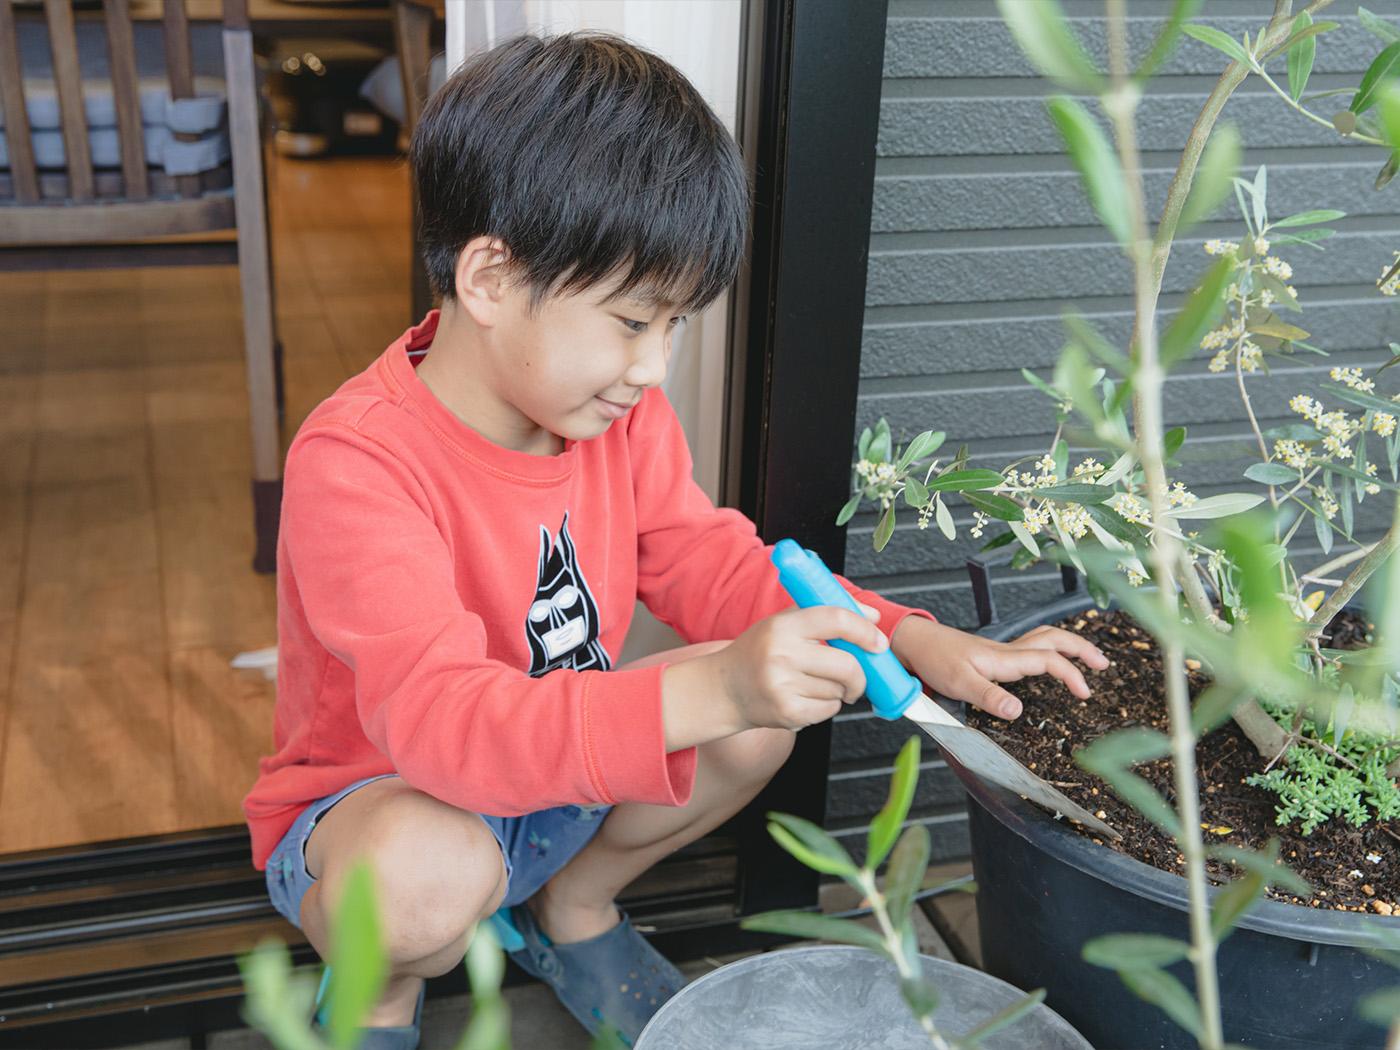 水やりや手入れはお子さんも積極的に参加。